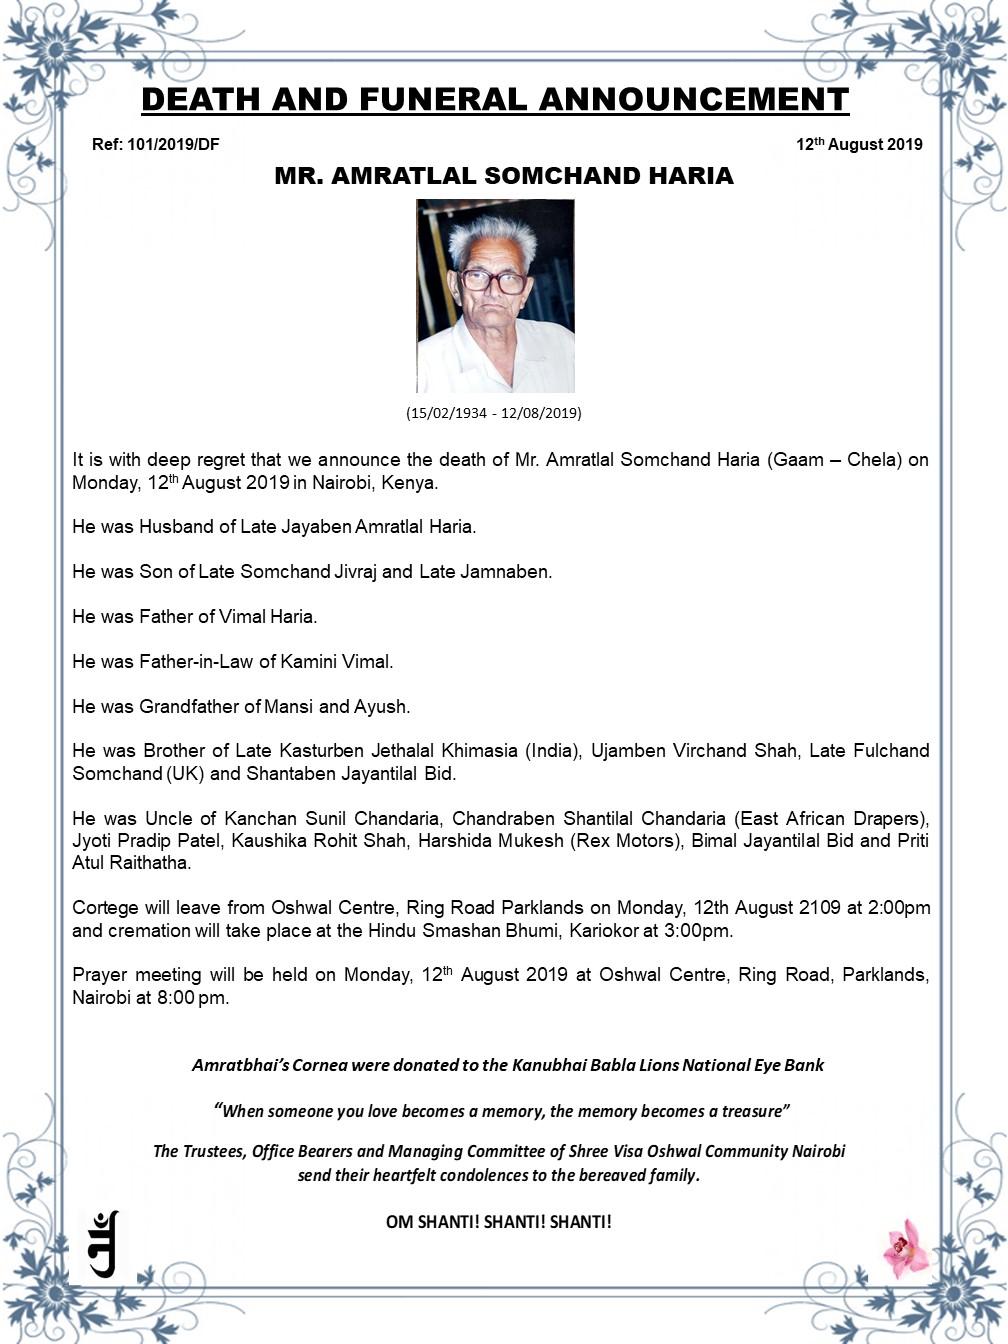 Mr. Amratlal Somchand Haria